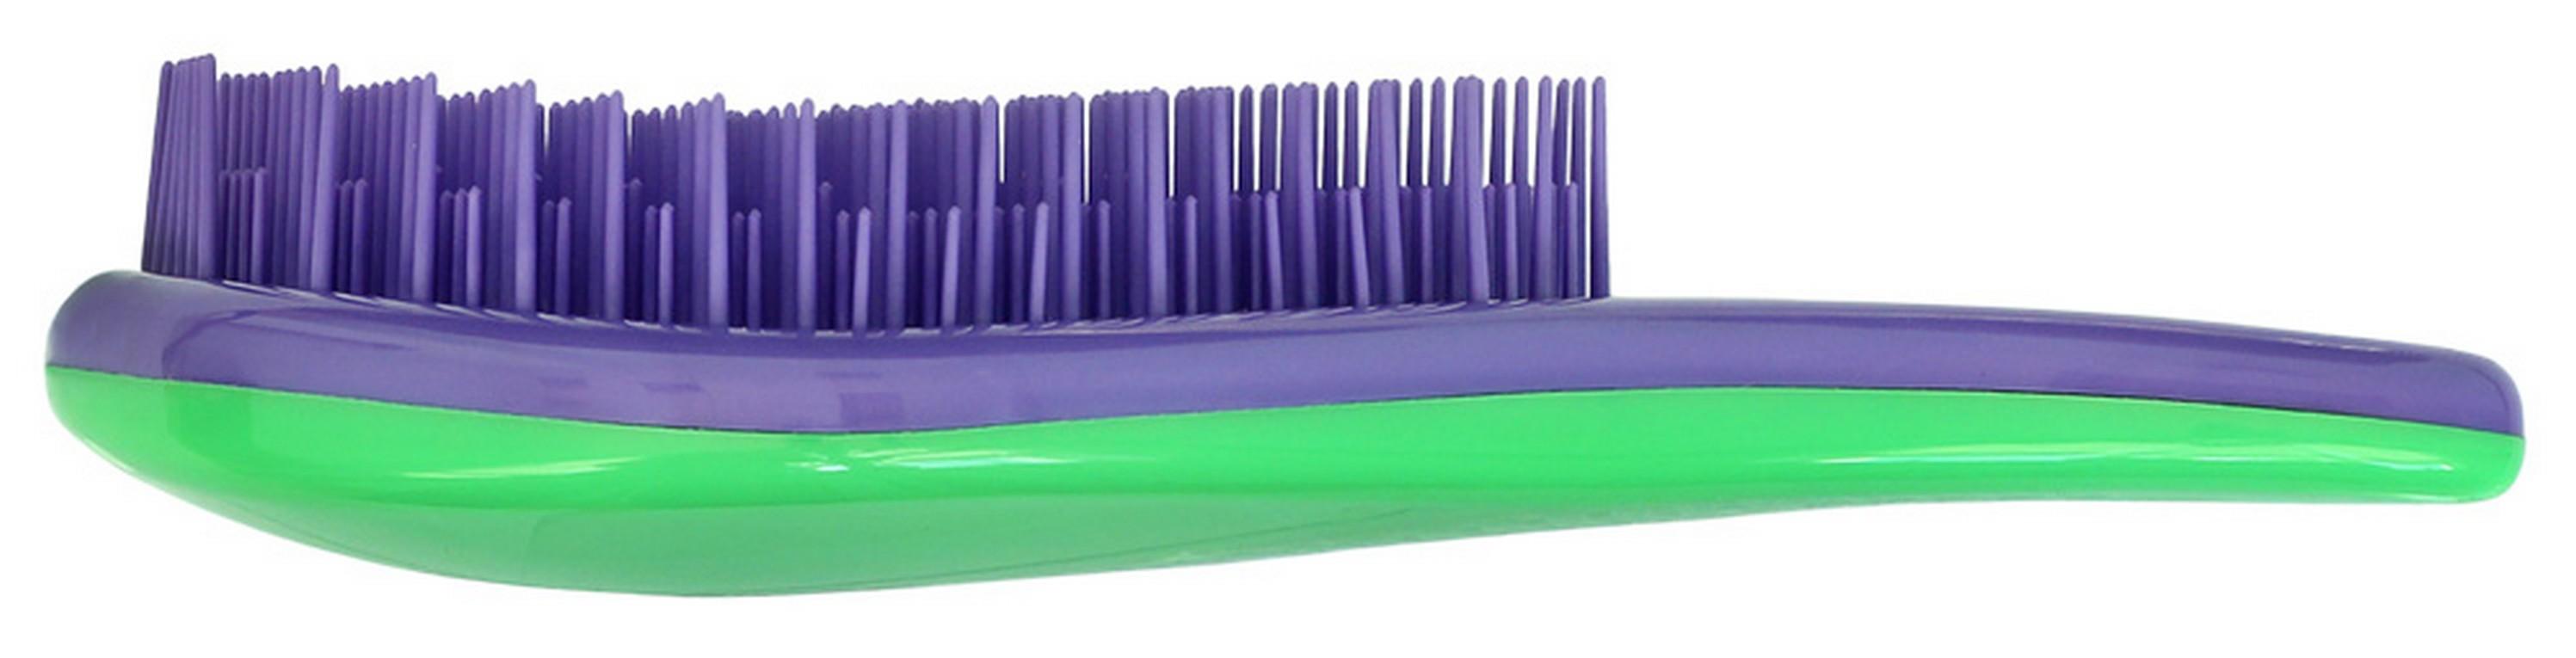 Щетка для волос для распутывания волос Detangler фиолетовый/зеленыйCDB 606Специально созданная щетка для волос для того, чтобы справляться с сильно запутавшимися волосами. Уникальная инновационная конструкция гибких зубчиков позволяет безвредно для волос устранить узелки и распутать пряди. Расчёсывает волосы быстро, легко и не требует использования дополнительных средств. Подходит для любого типа волос, включая тонкие, ломкие, кудрявые и жёсткие волосыНаличие ручки делает удобным расчесывание, а слегка изогнутая форма щетки в виде капли отлично лежит в руке и не выскальзывает, что особенно важно при расчесывании влажных волос. Уникальные зубчики щетки Clarette Detangler имеют повышенную гибкость и мягко преодолевают любое препятствие в волосах. Зубчики у расчески очень короткие и легкогнутся. При расчесывании они пропускают сквозь себя пряди любой длины и фактуры, не цепляя их и не «скатывая» в колтуны. Высококачественный упругий пластик, из которого сделаны зубчики расчески, не царапает кожу головы, а мягко воздействует на нее, обеспечивая массажный эффект.